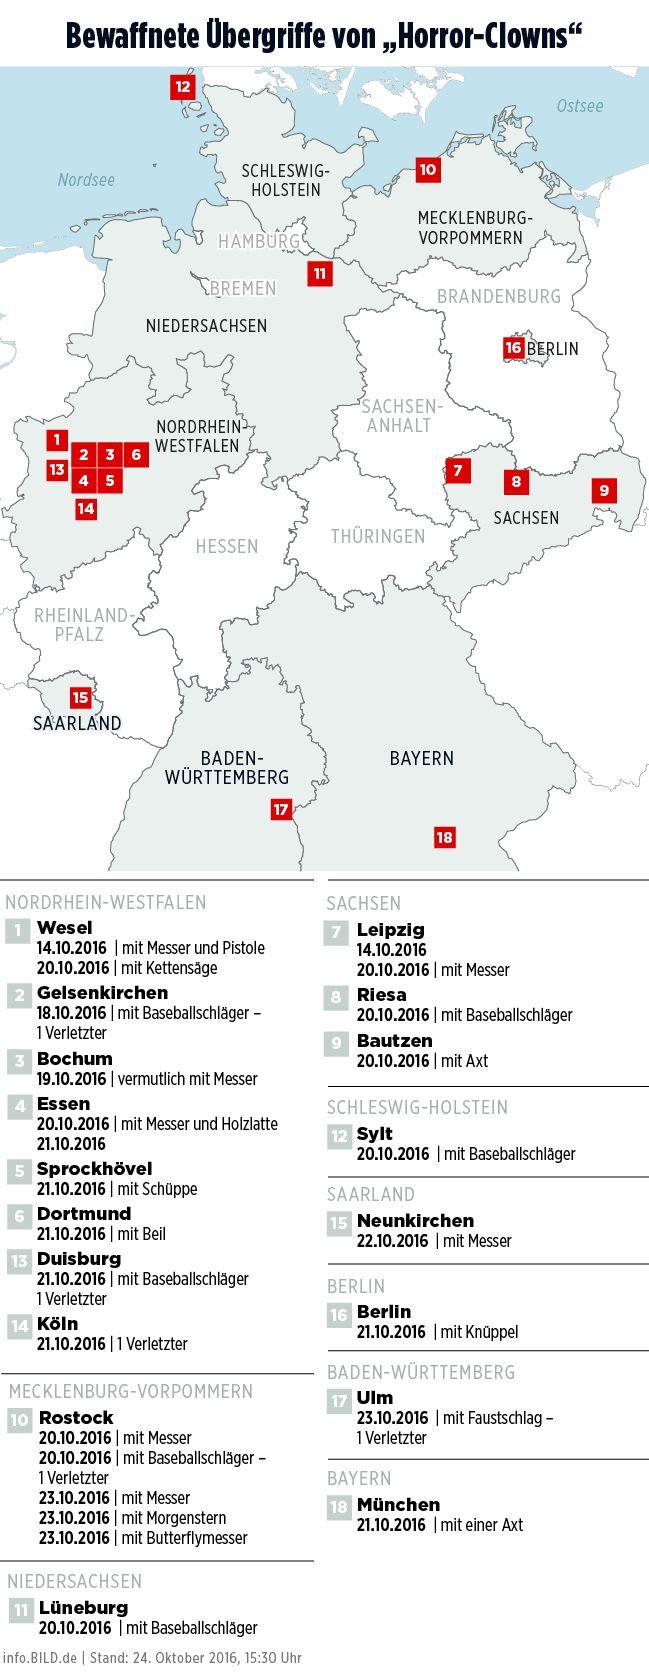 Übergriffe von Killer-Clowns in Deutschland - info.BILD